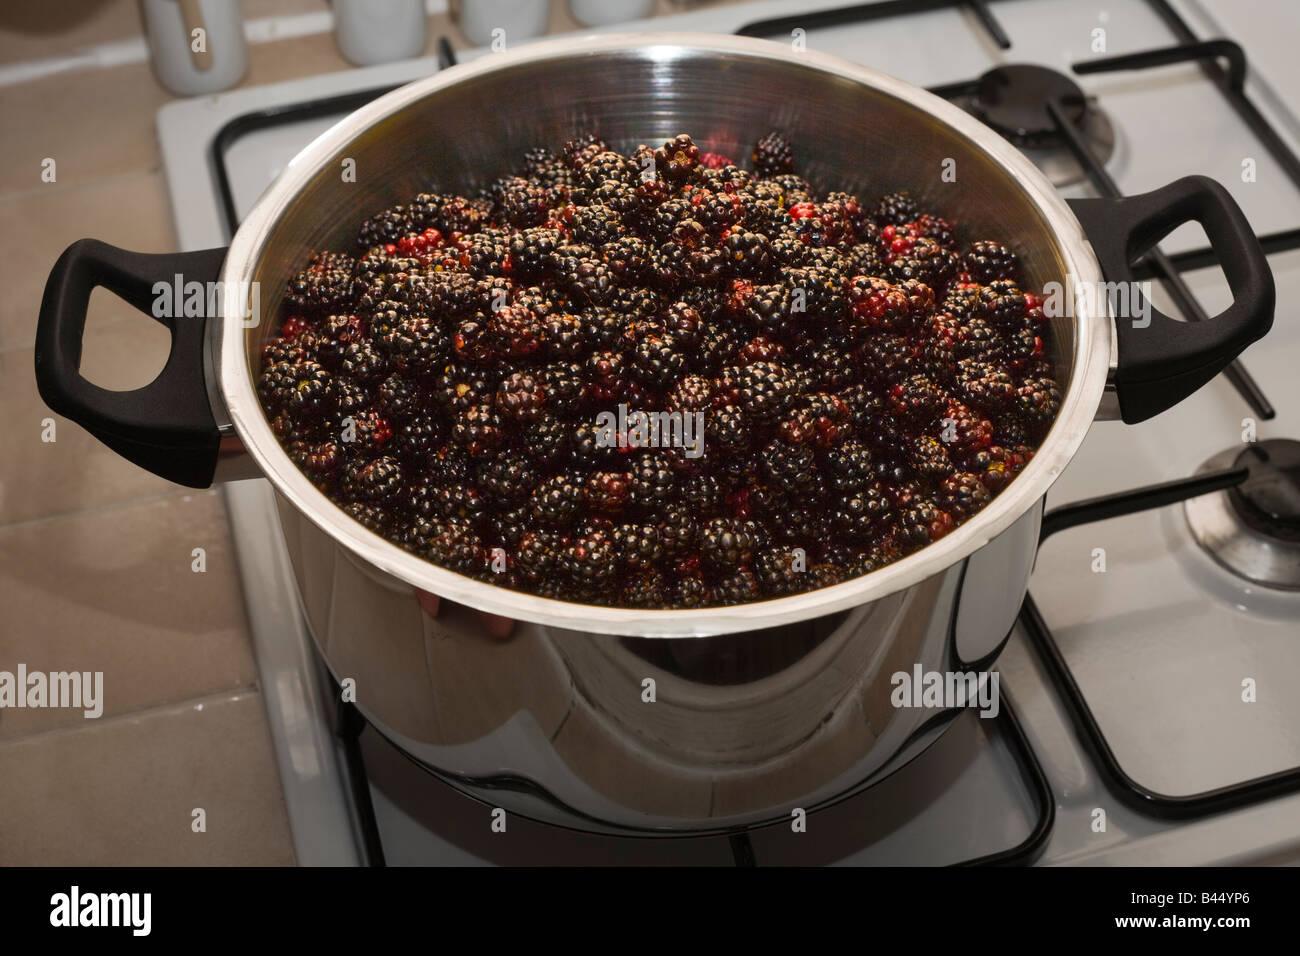 Les mûres sauvages (Rubus fructicosus) dans un fait-tout. Mûres sauvages (Rubus fructicosus) dans un faitout. Photo Stock